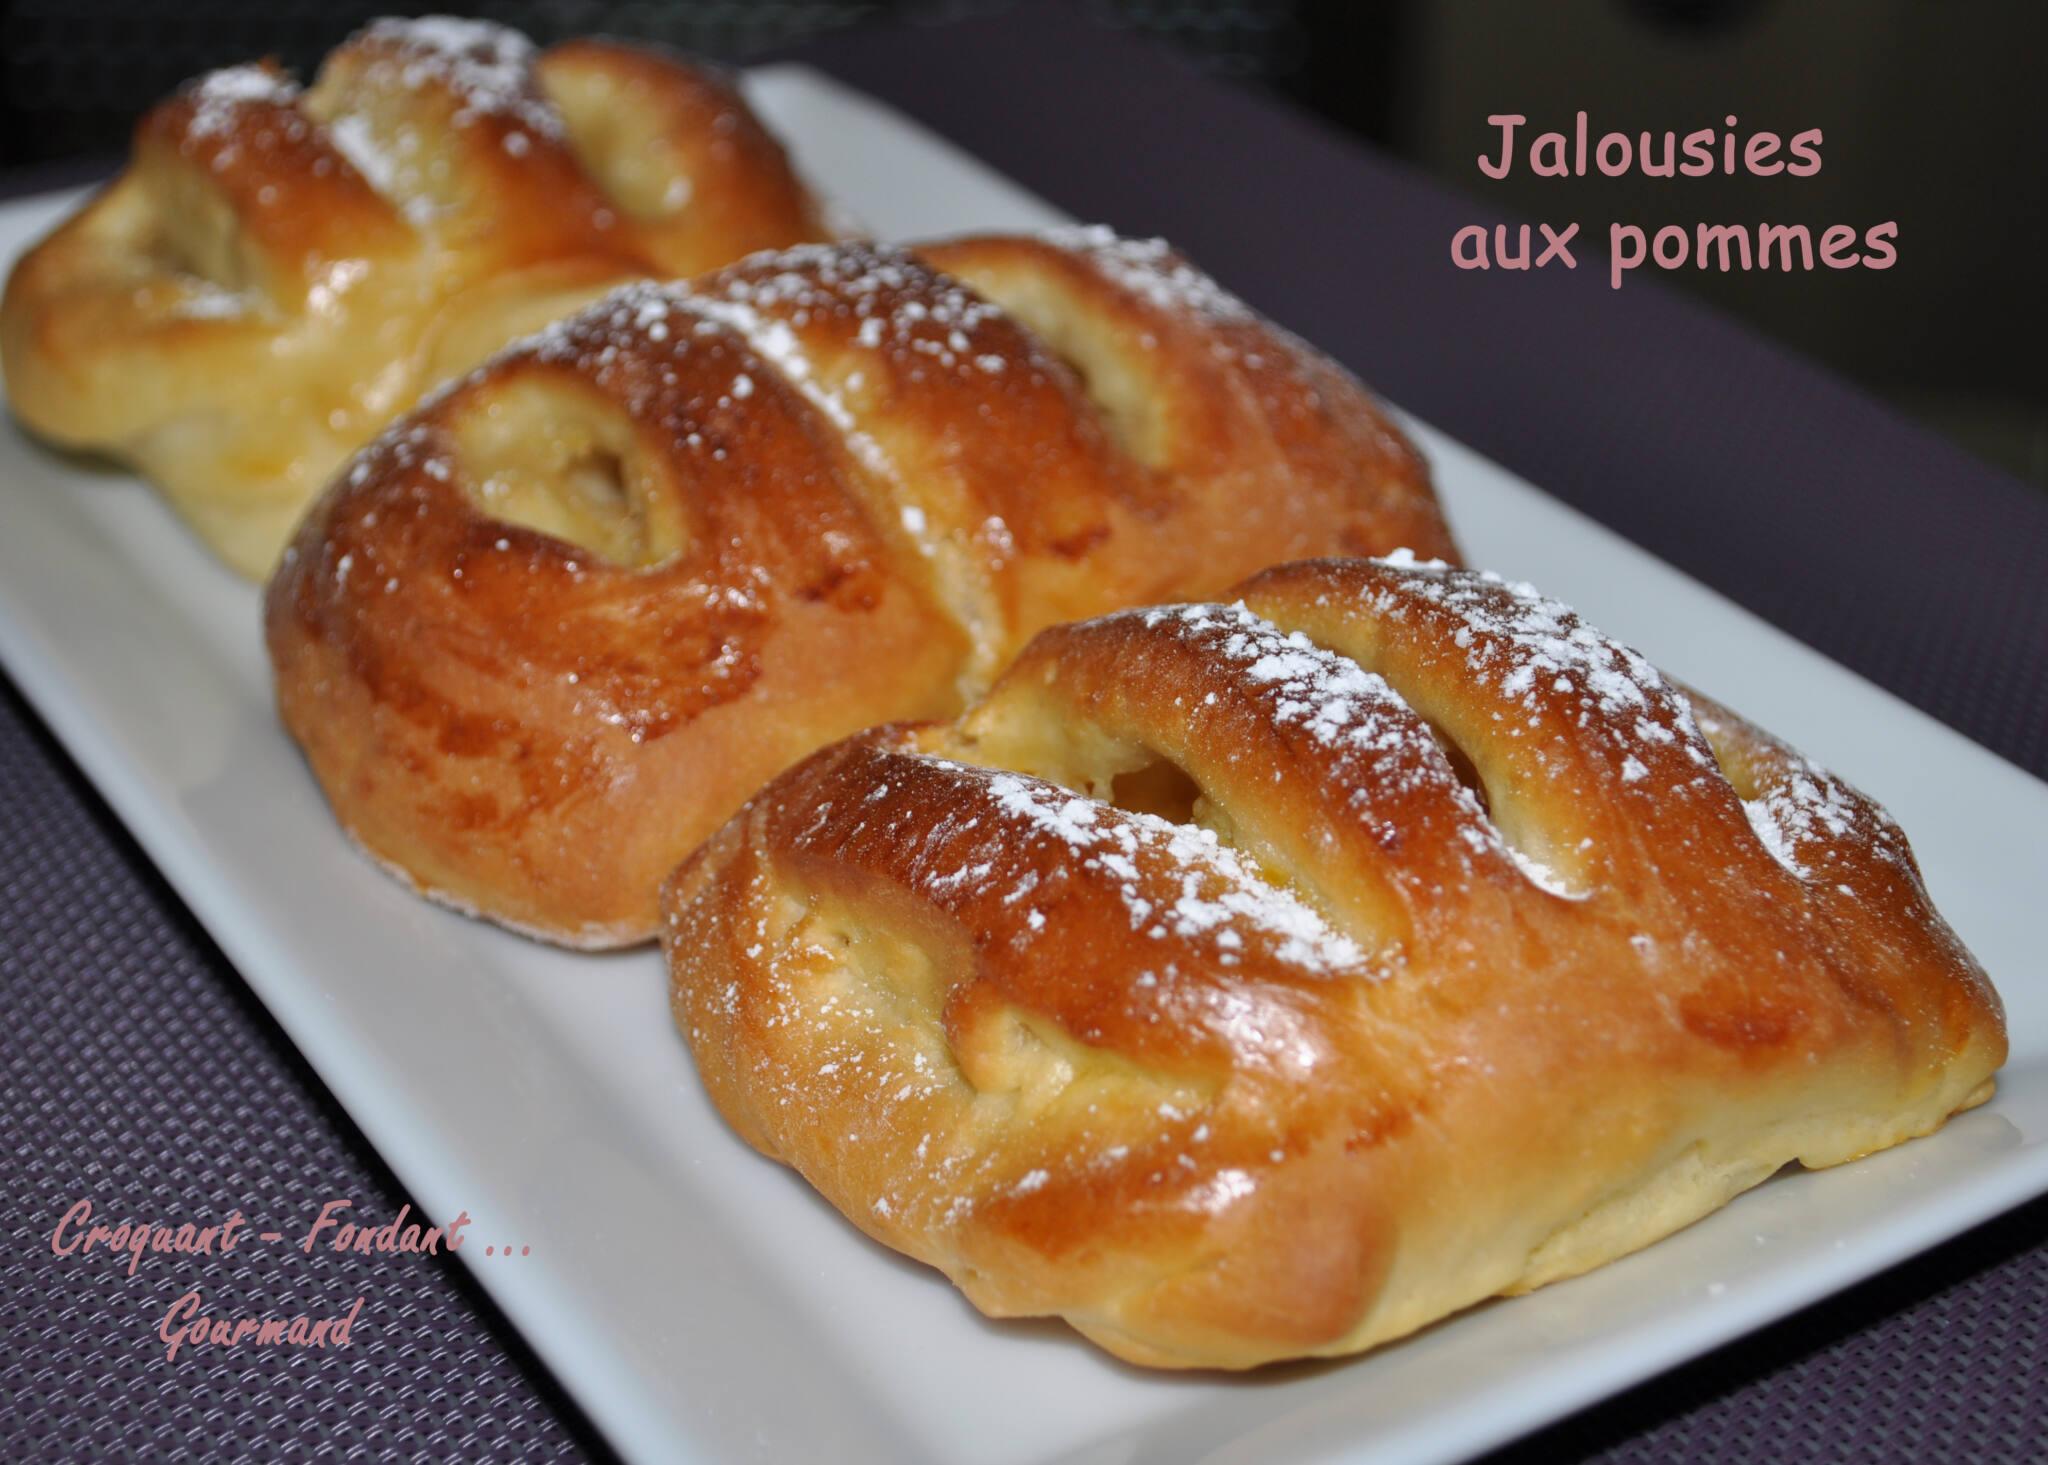 Jalousies aux pommes - DSC_0076